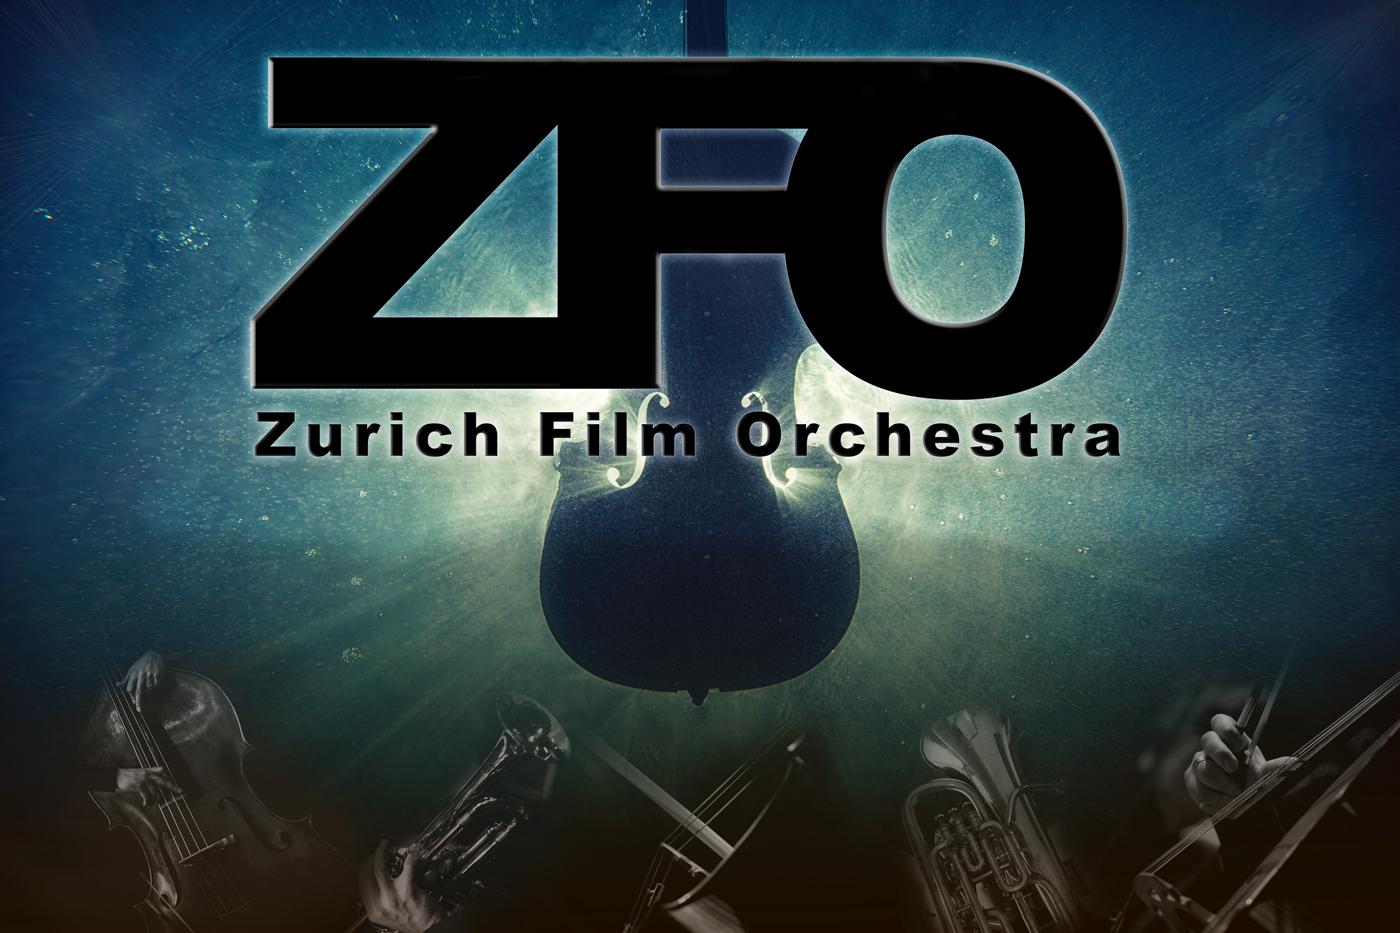 zurich-film-orchestra-zfo